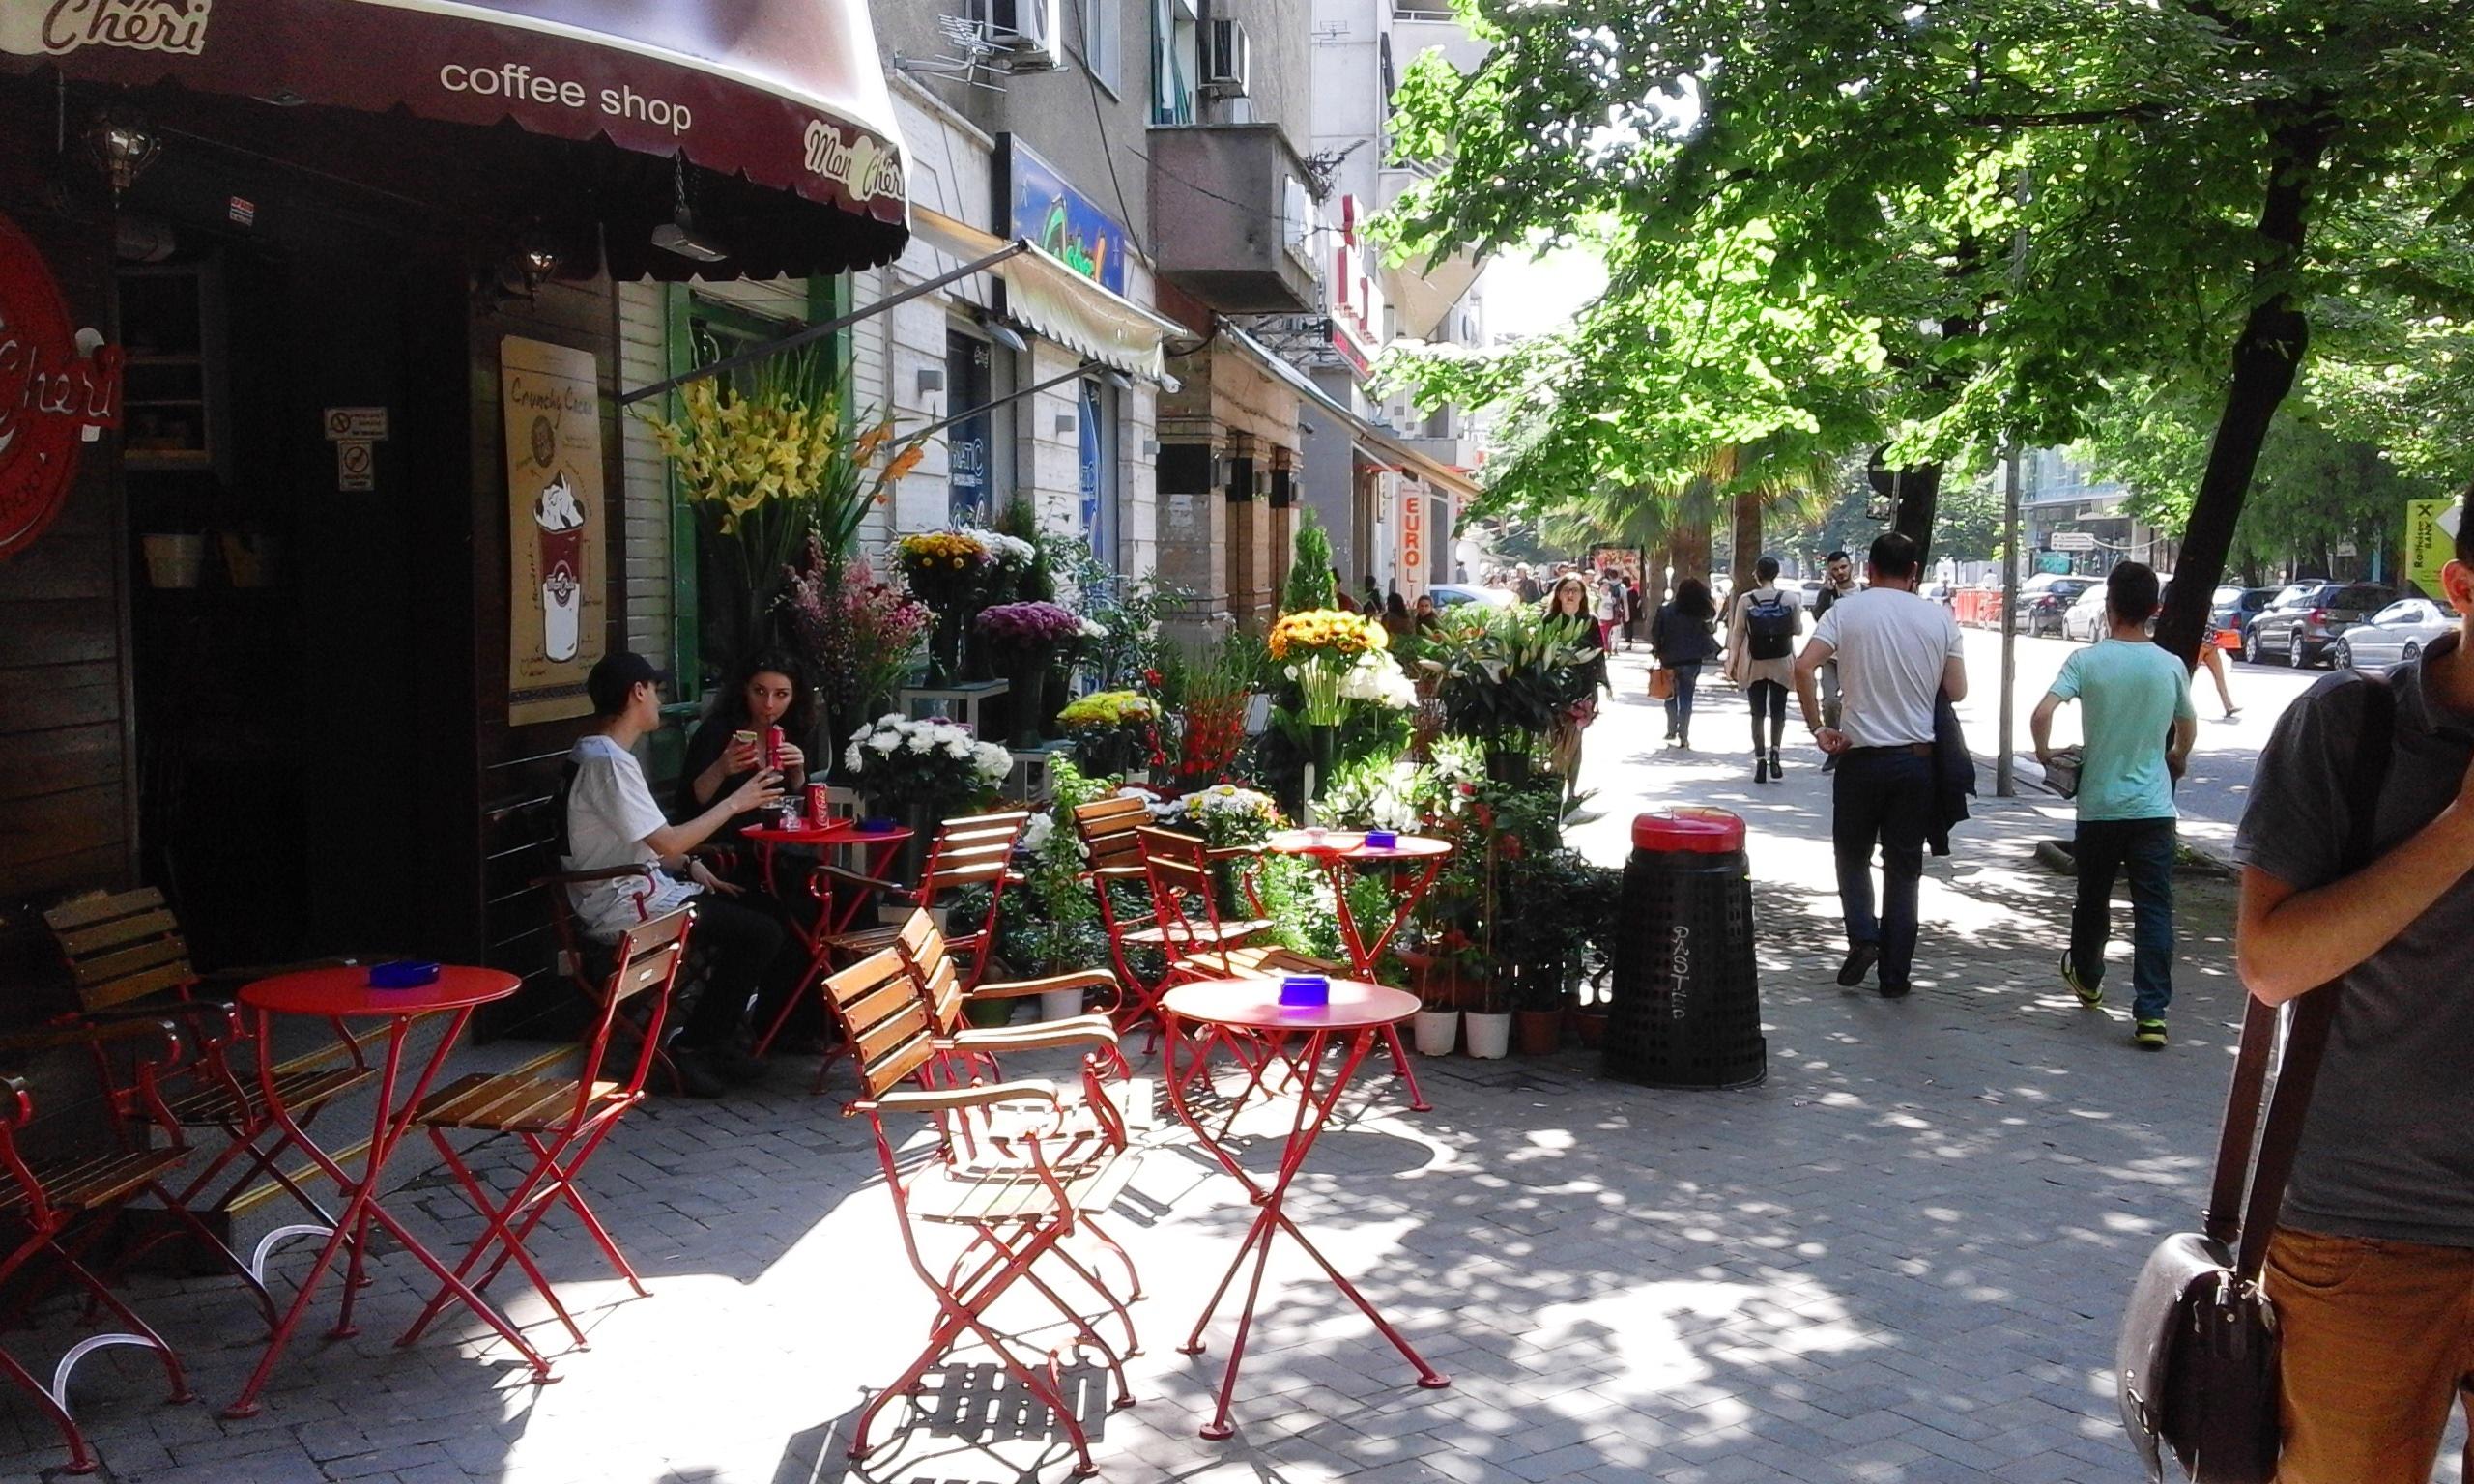 Szépen megfér a kávézó a virágbolt szomszédságában, a kávé illata keveredik a virágokéval. (Fotó: Jani haverja)